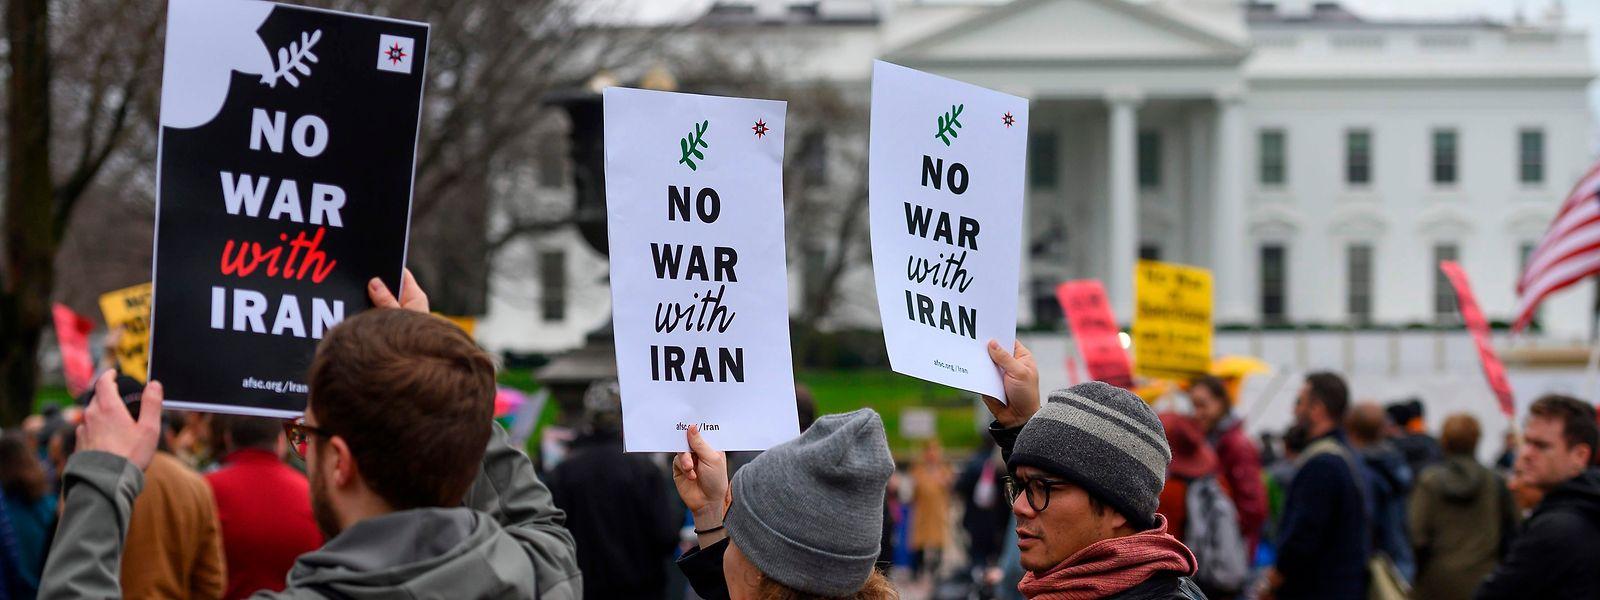 Auch vor dem Weißen Haus gingen Menschen gegen den Krieg auf die Straßen.